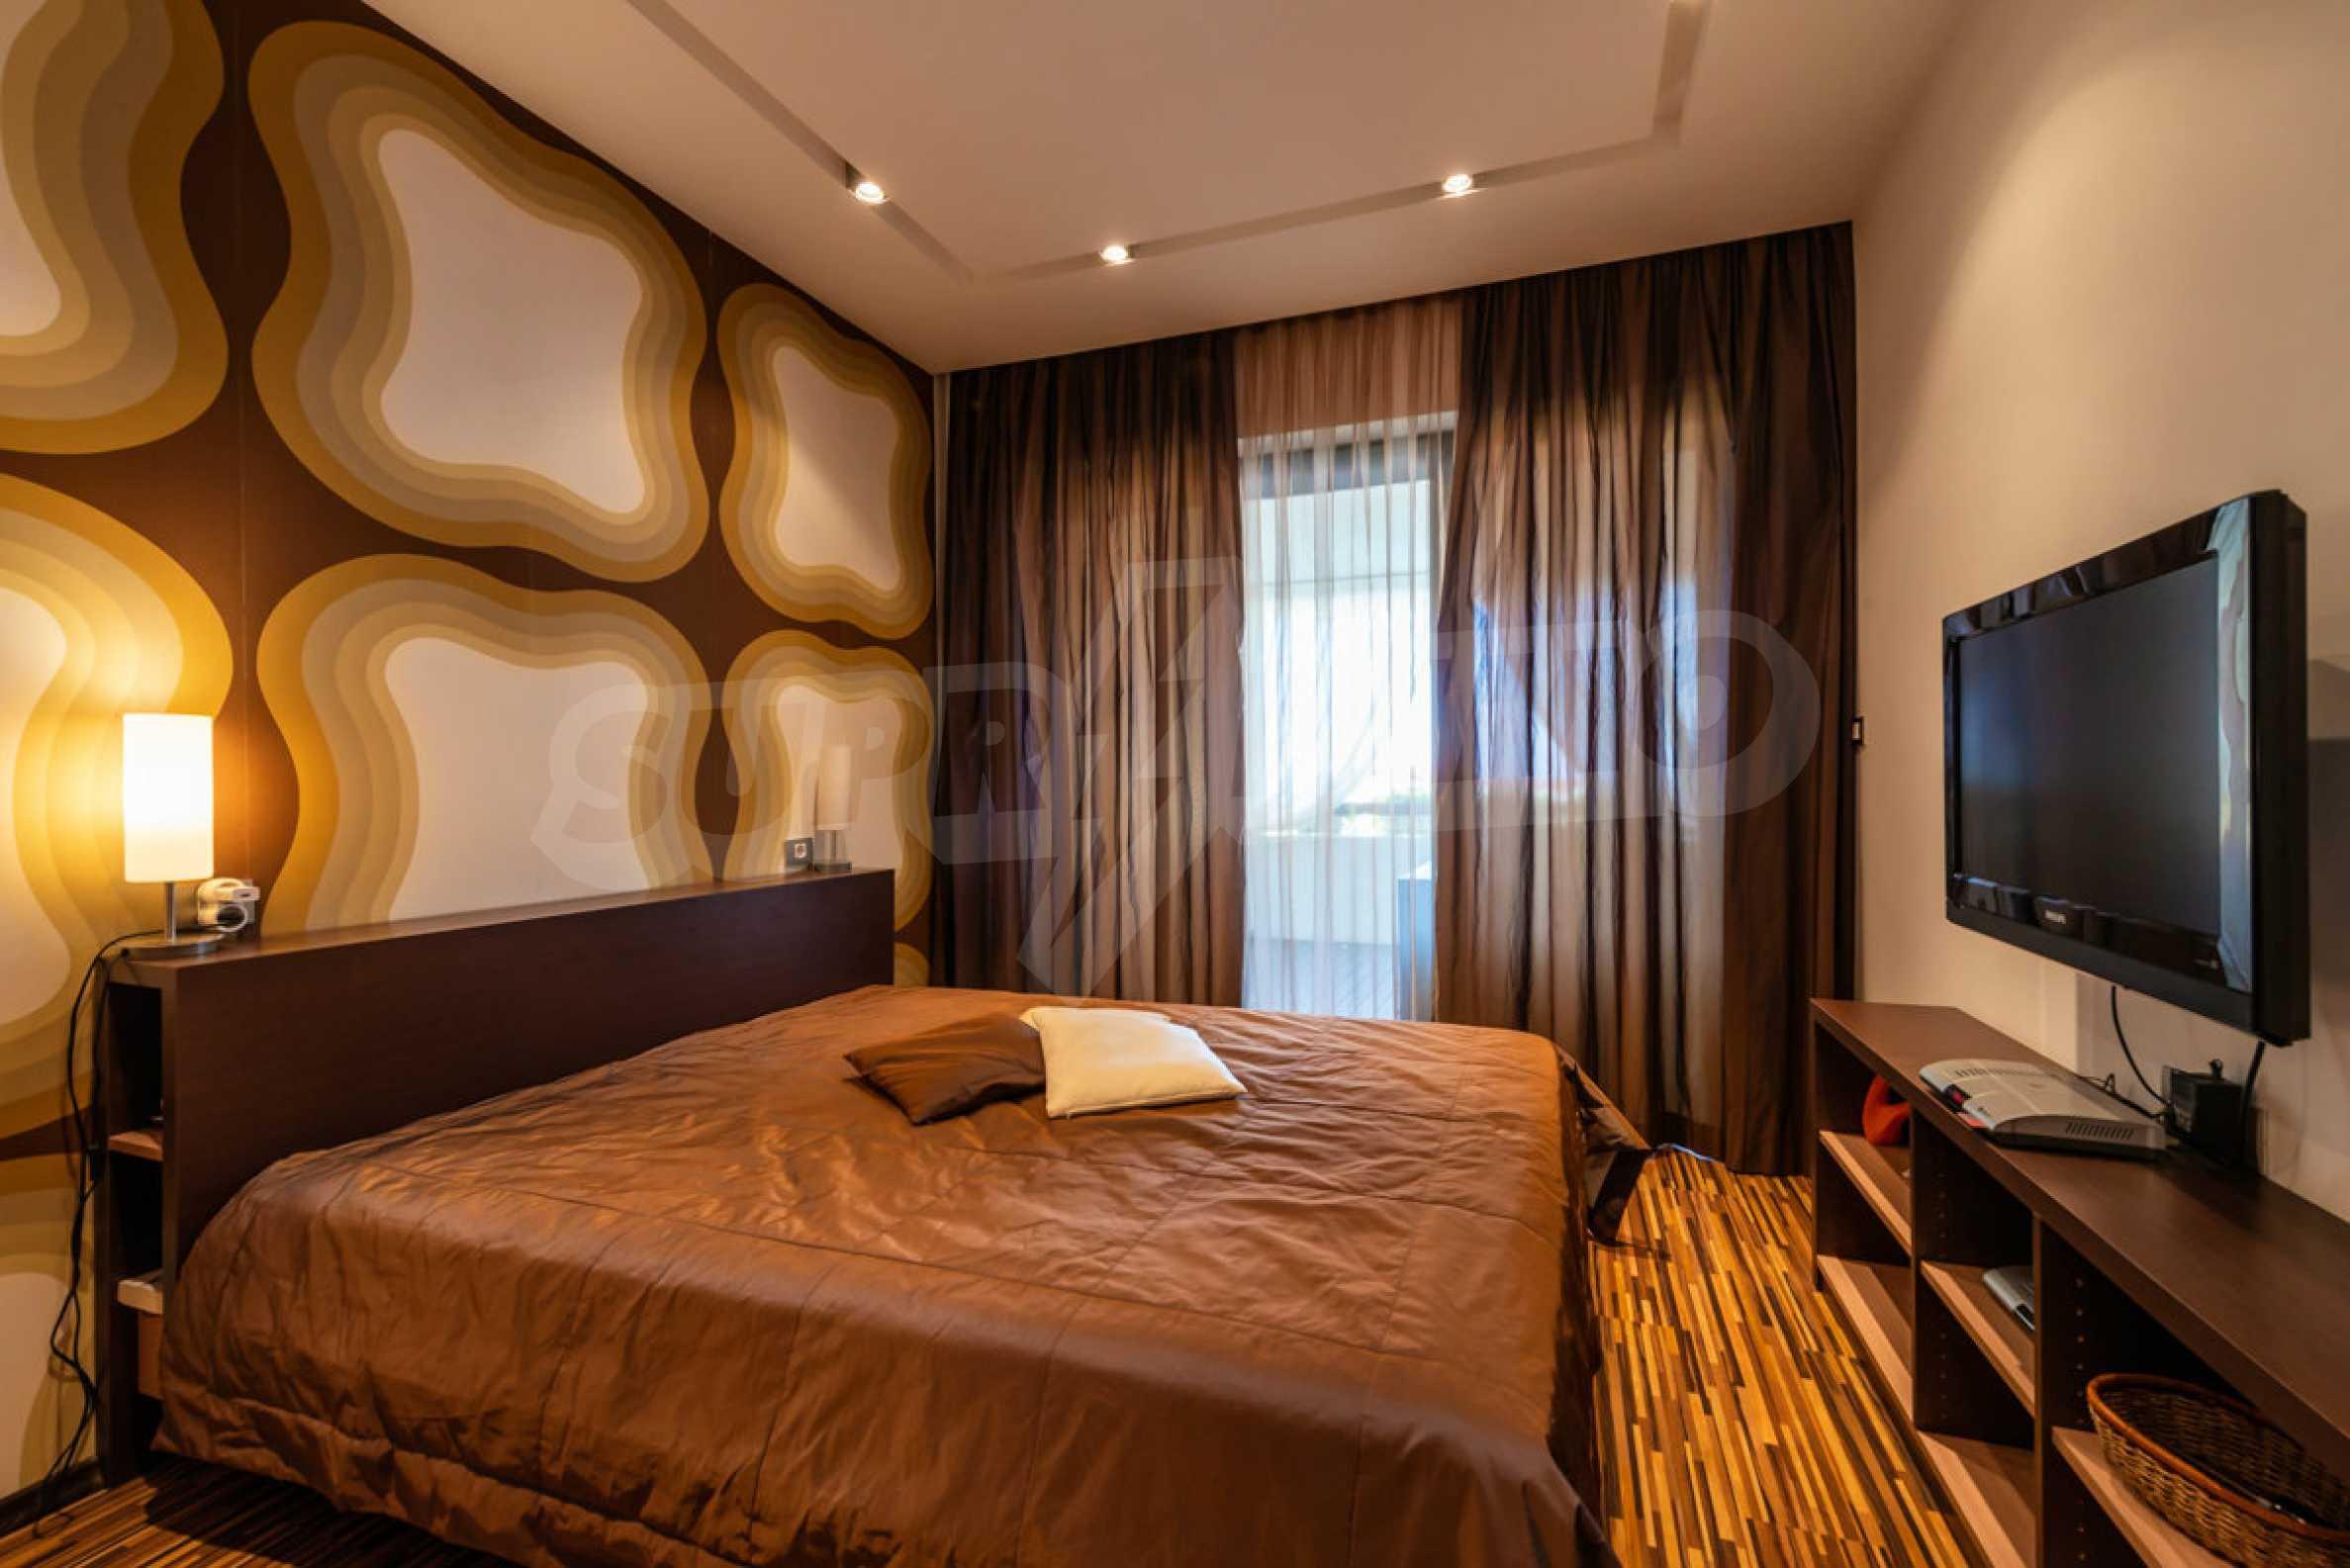 Luxus-Apartment mit einem Schlafzimmer mit spektakulärem Meerblick 9